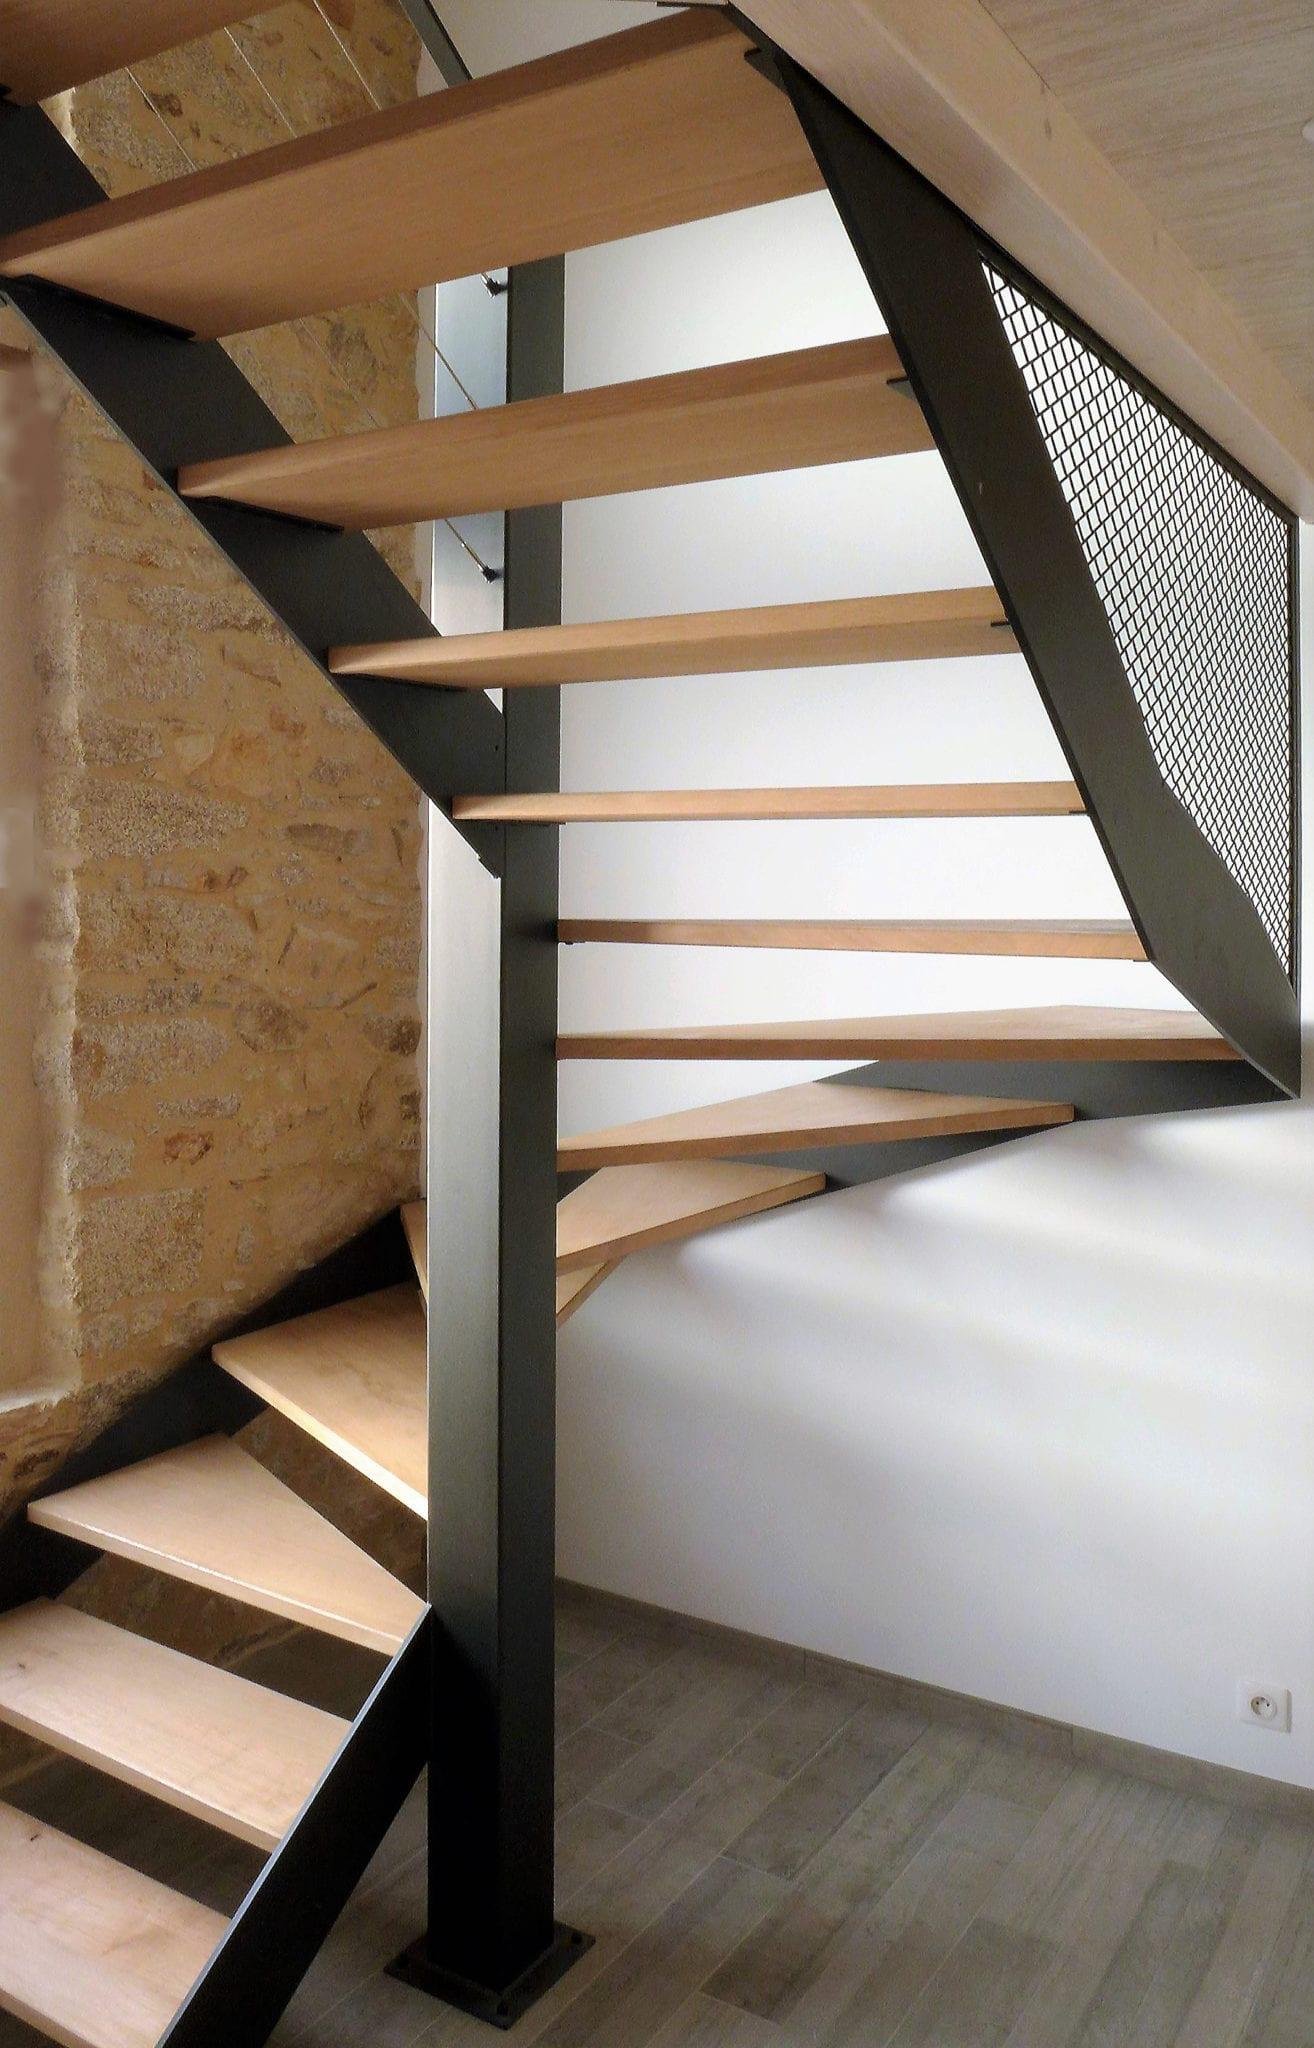 Escalier demi-tour composé de deux limons en tôle acier et marches en chêne massif